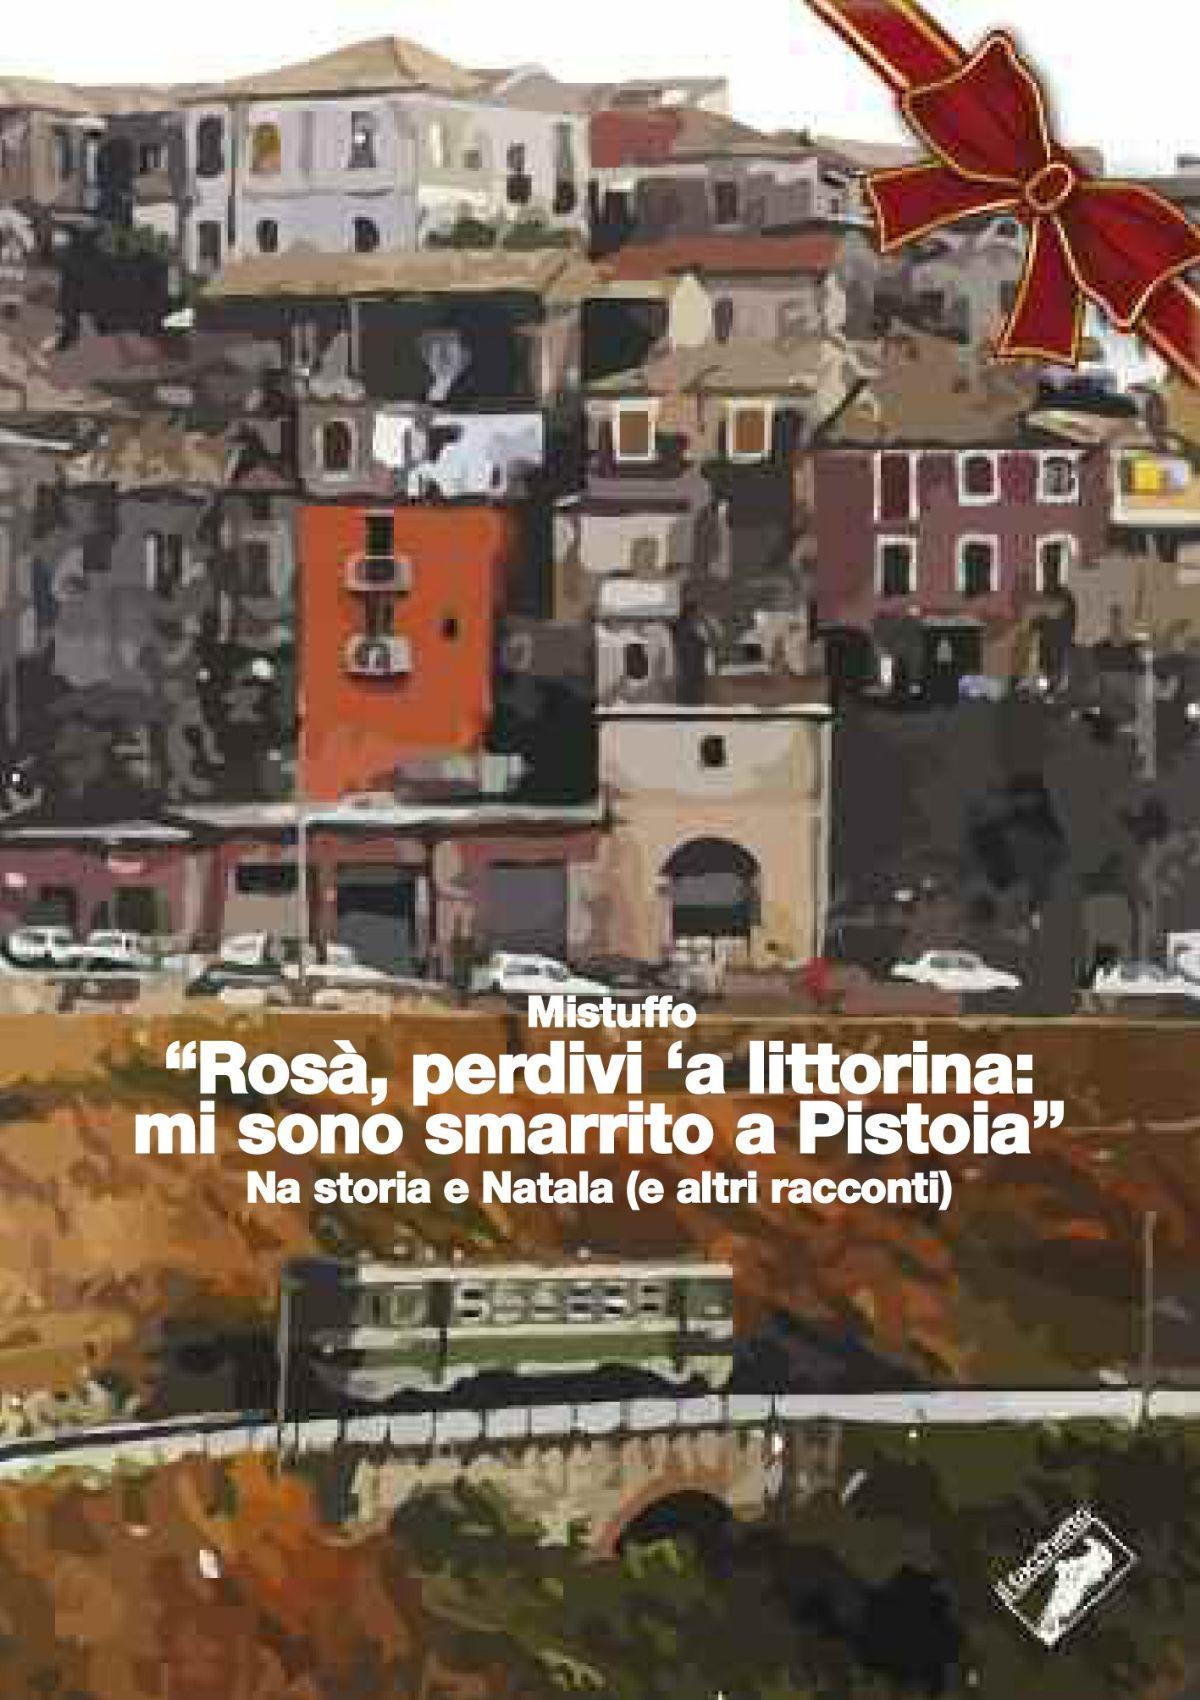 Rosà, perdivi 'a littorina: mi sono smarrito a Pistoia